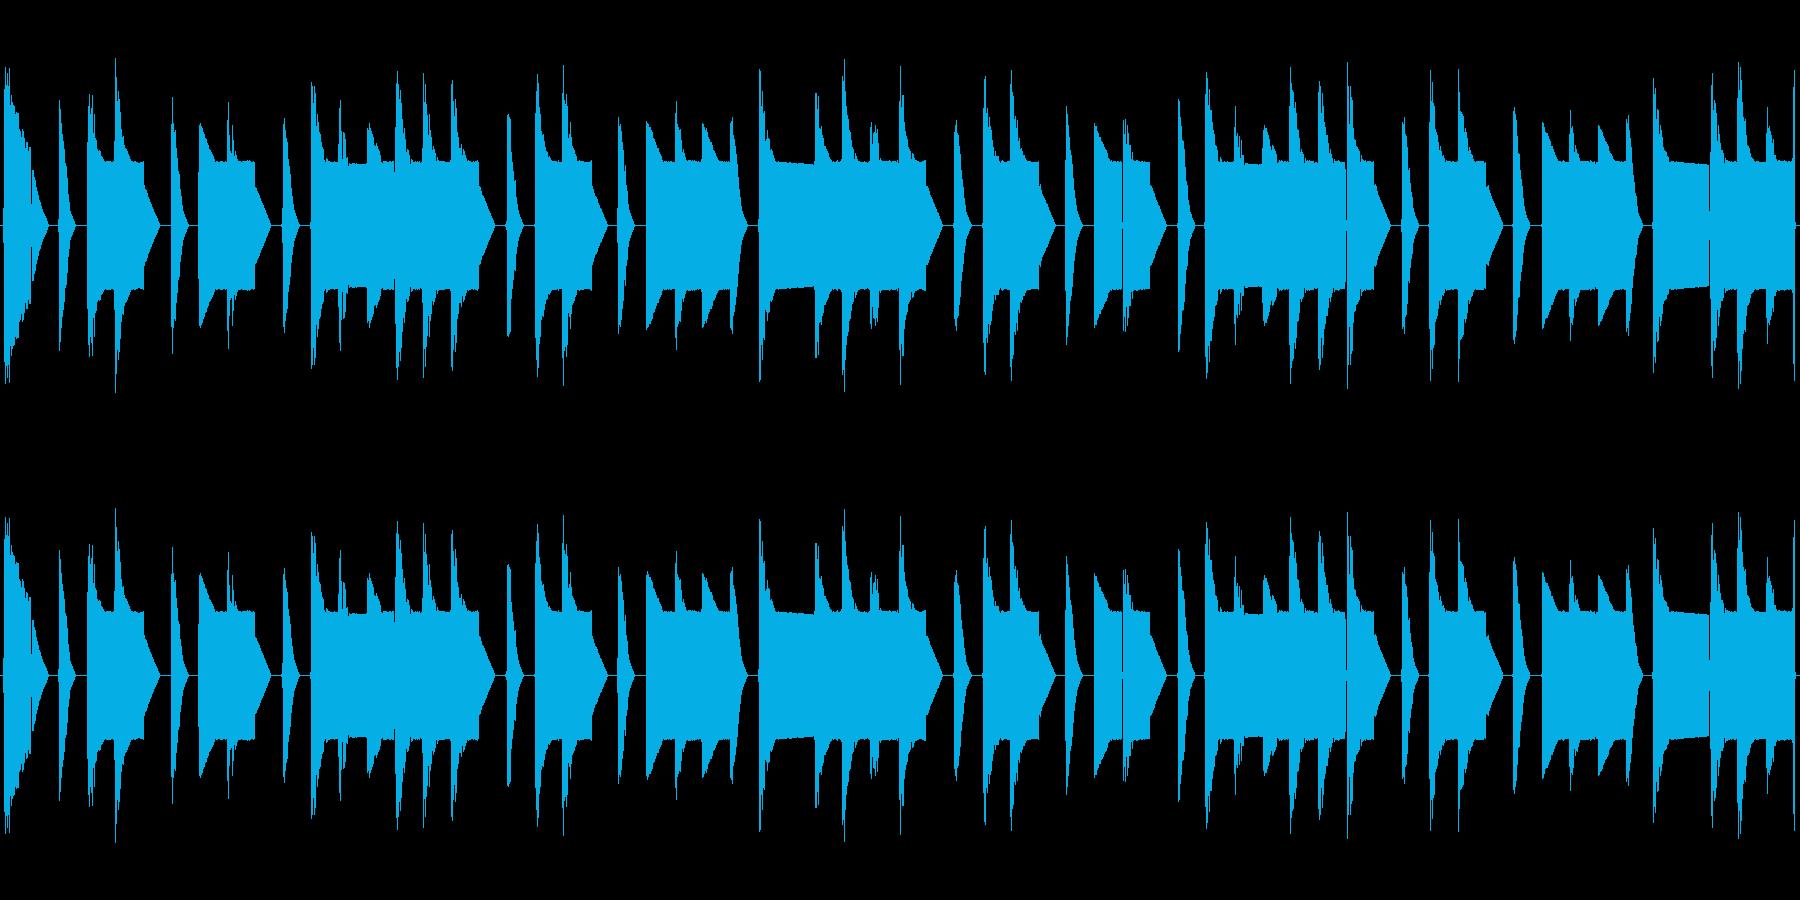 チップチューンの短いループ1の再生済みの波形